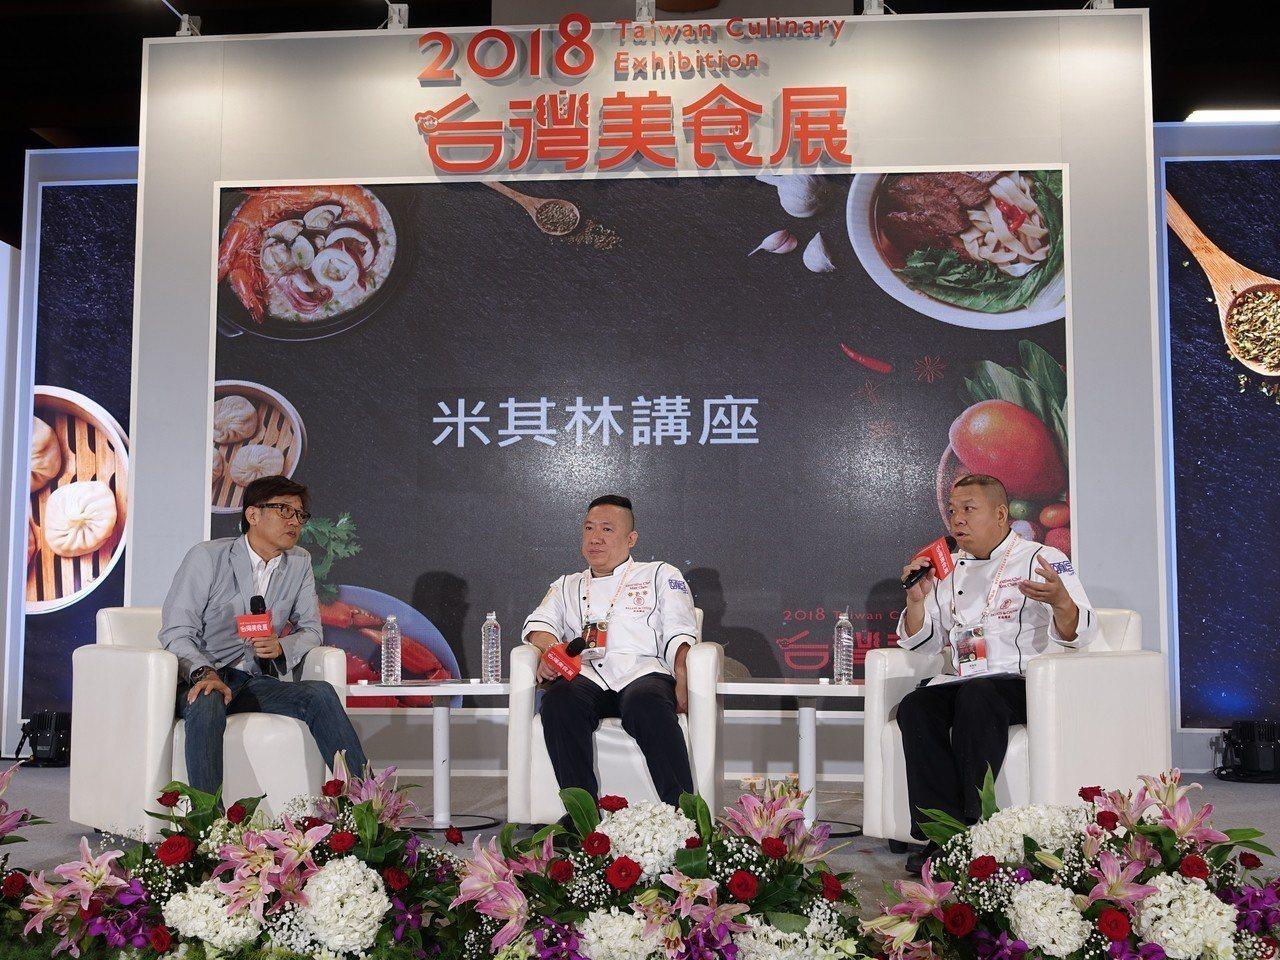 君品酒店頤宮中餐廳行政主廚陳偉強(右)及陳泰榮(左)於美食展談料理心法。記者張芳...